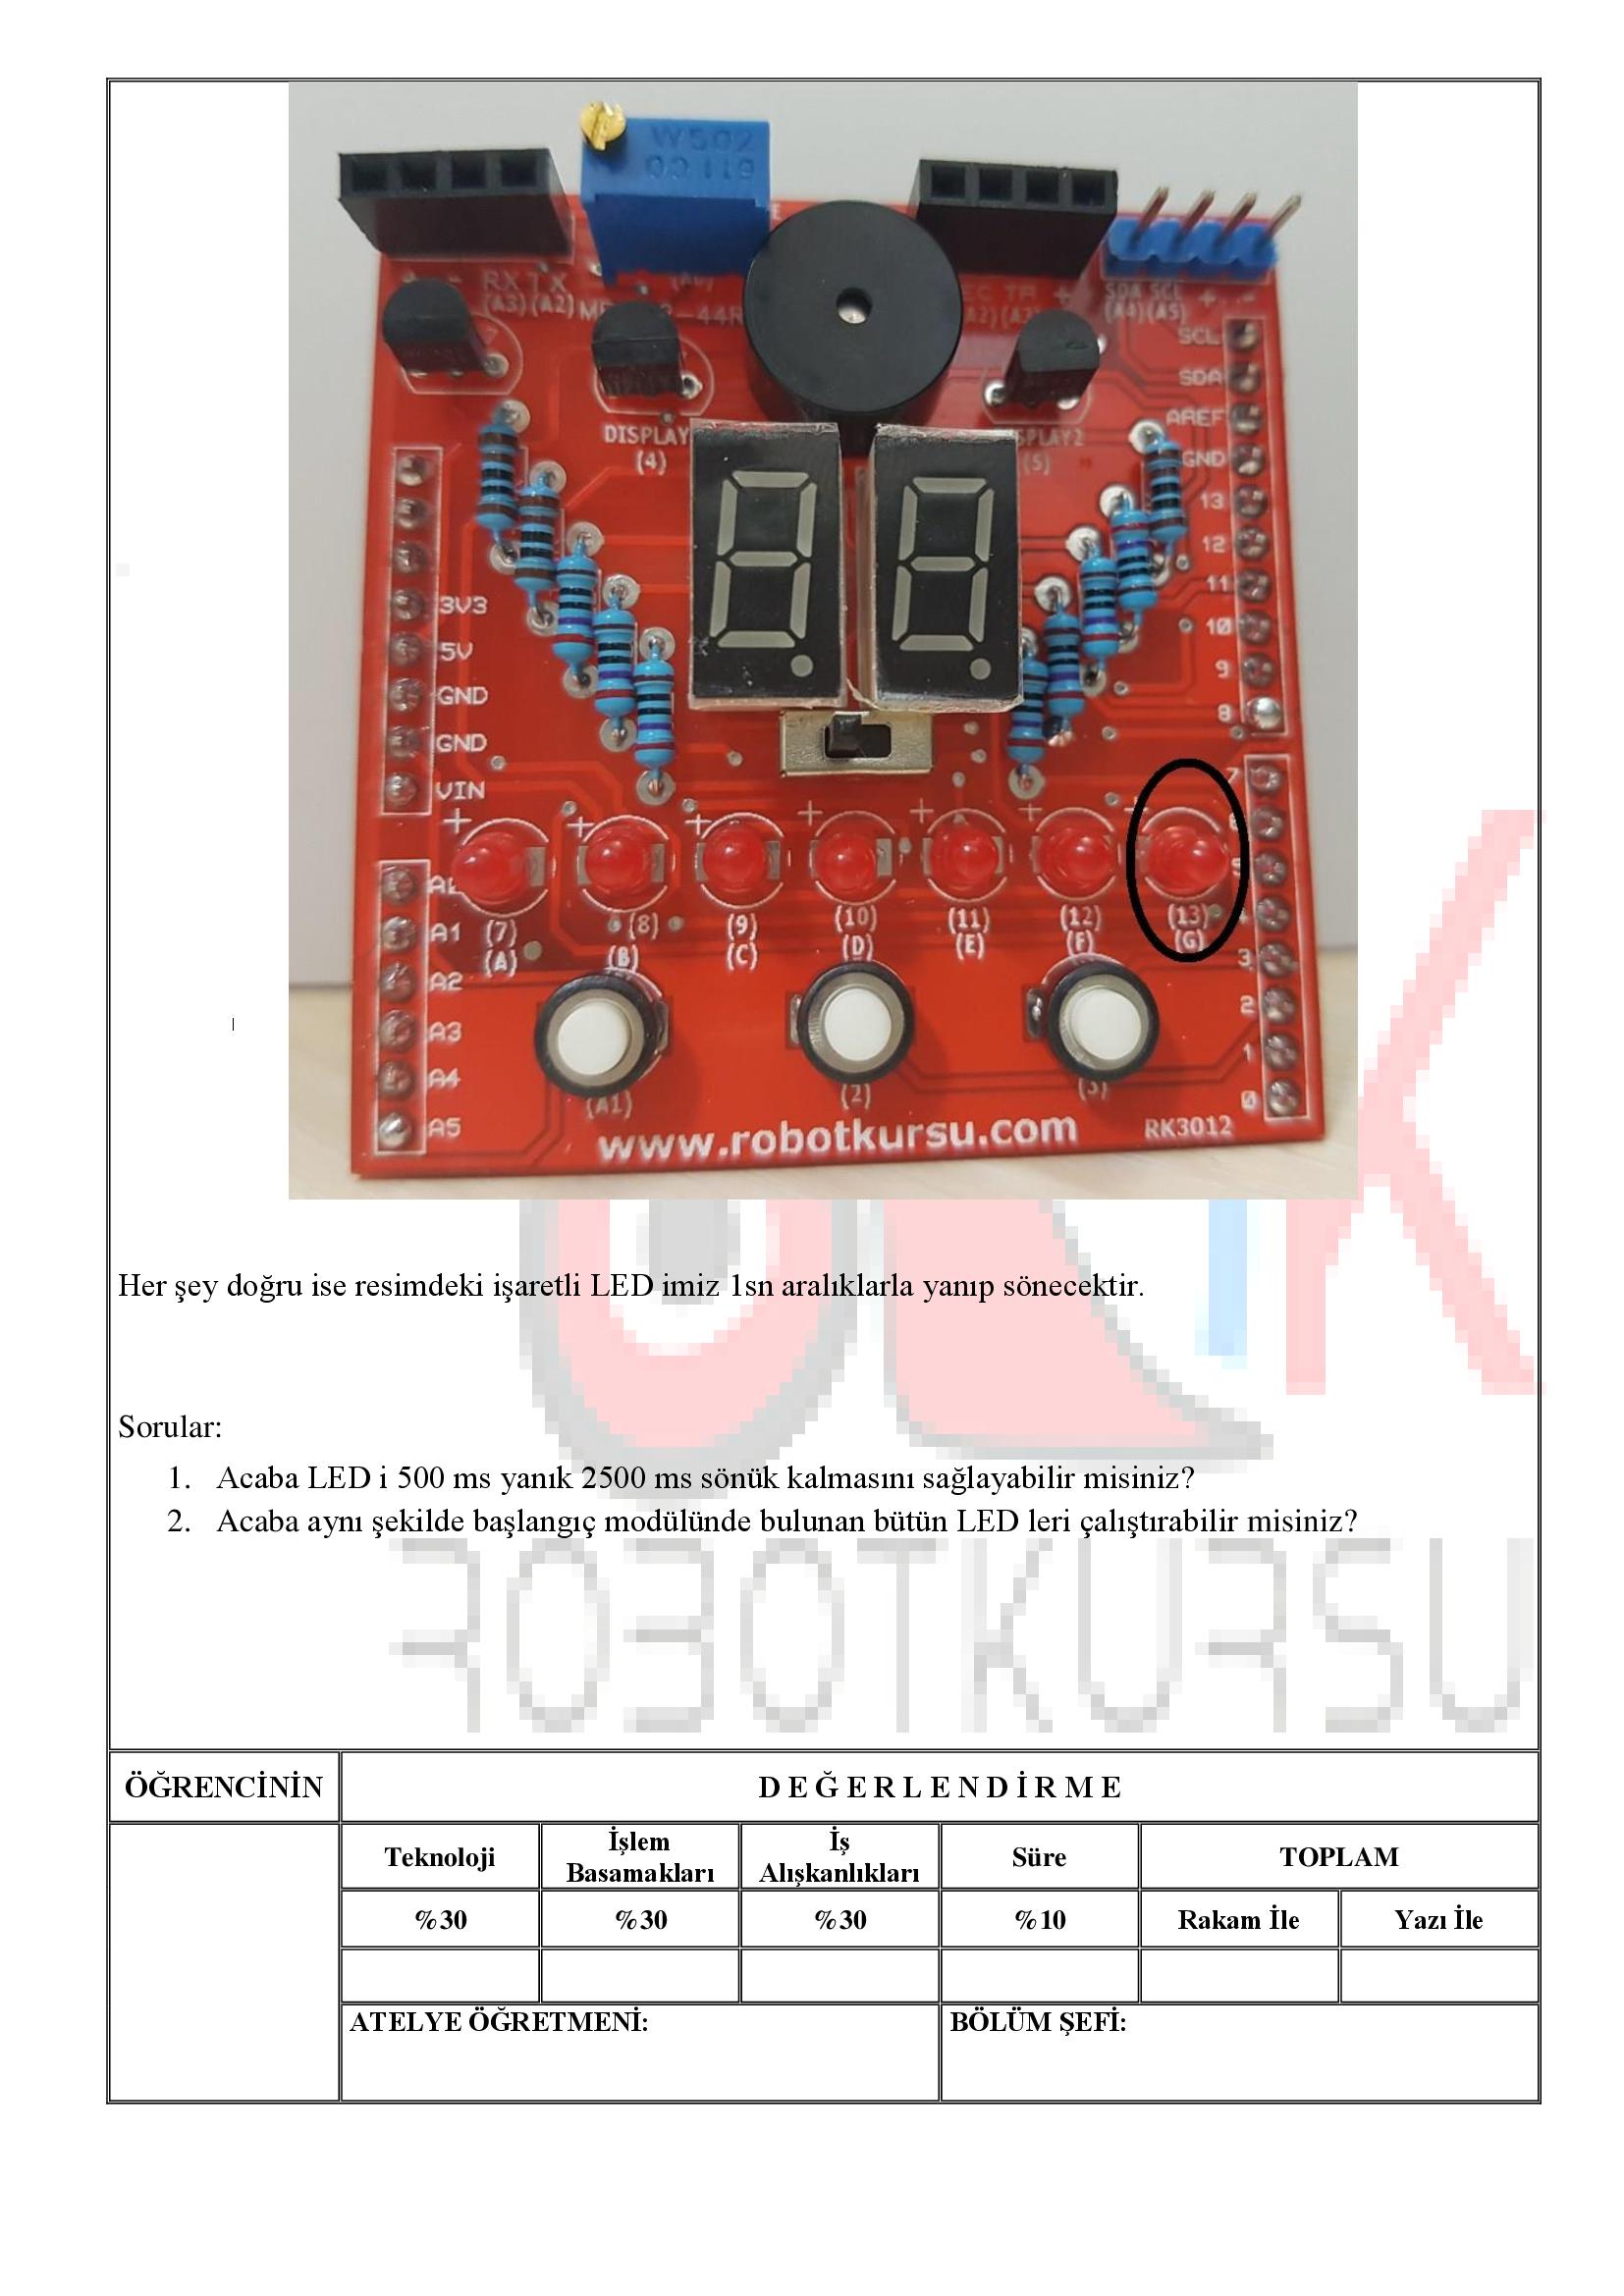 Temrin 105 : Blink LED uygulaması